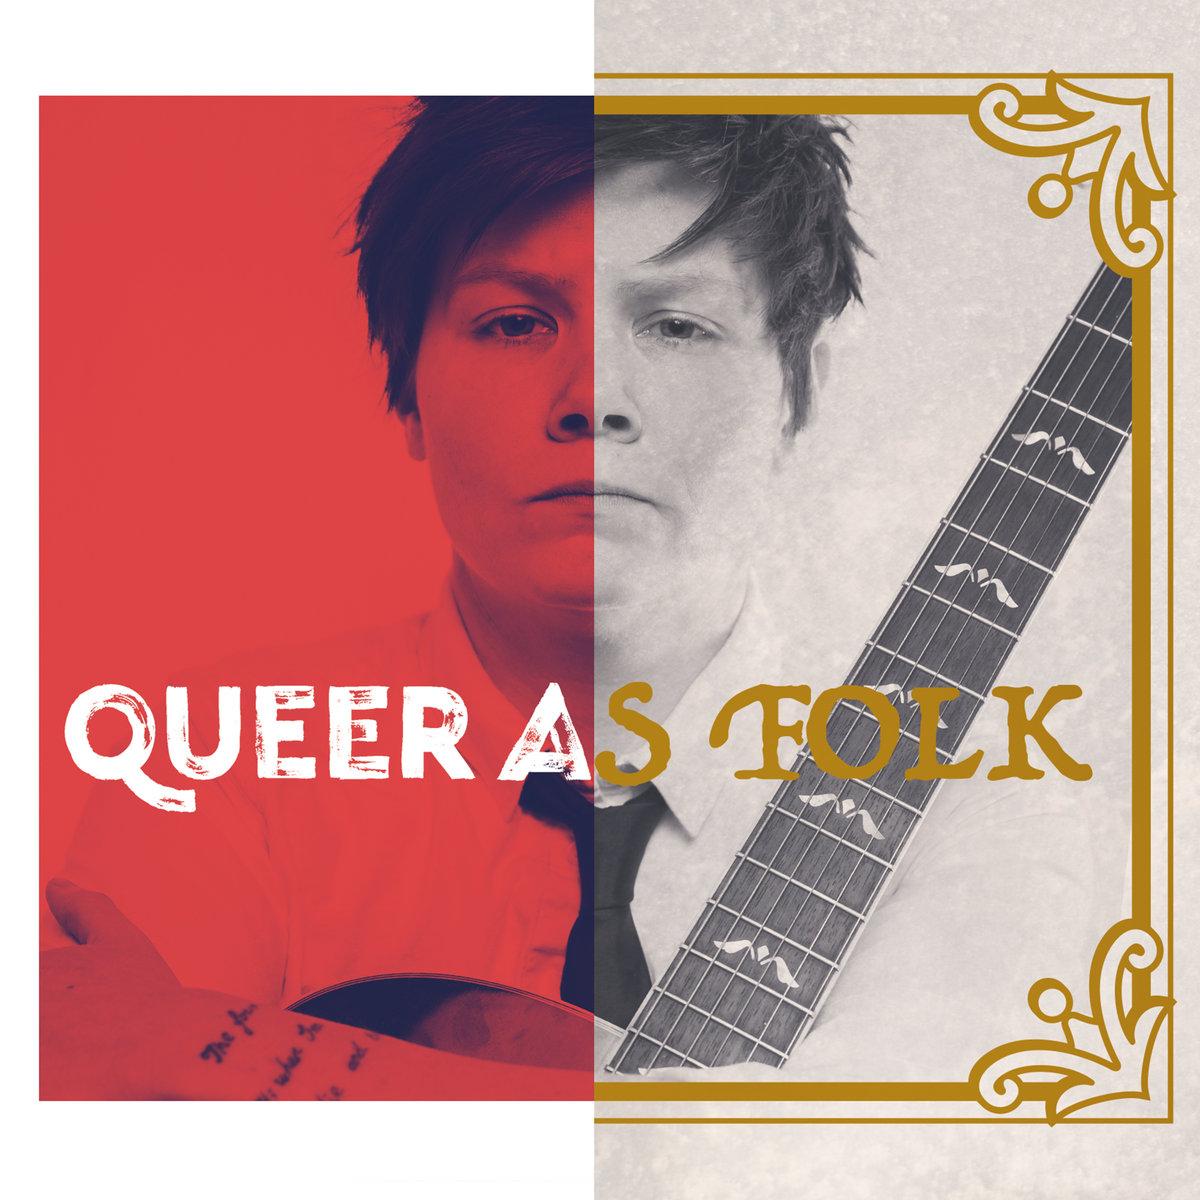 Queer As Folk by Grace Petrie (GP Recordings, 2018).